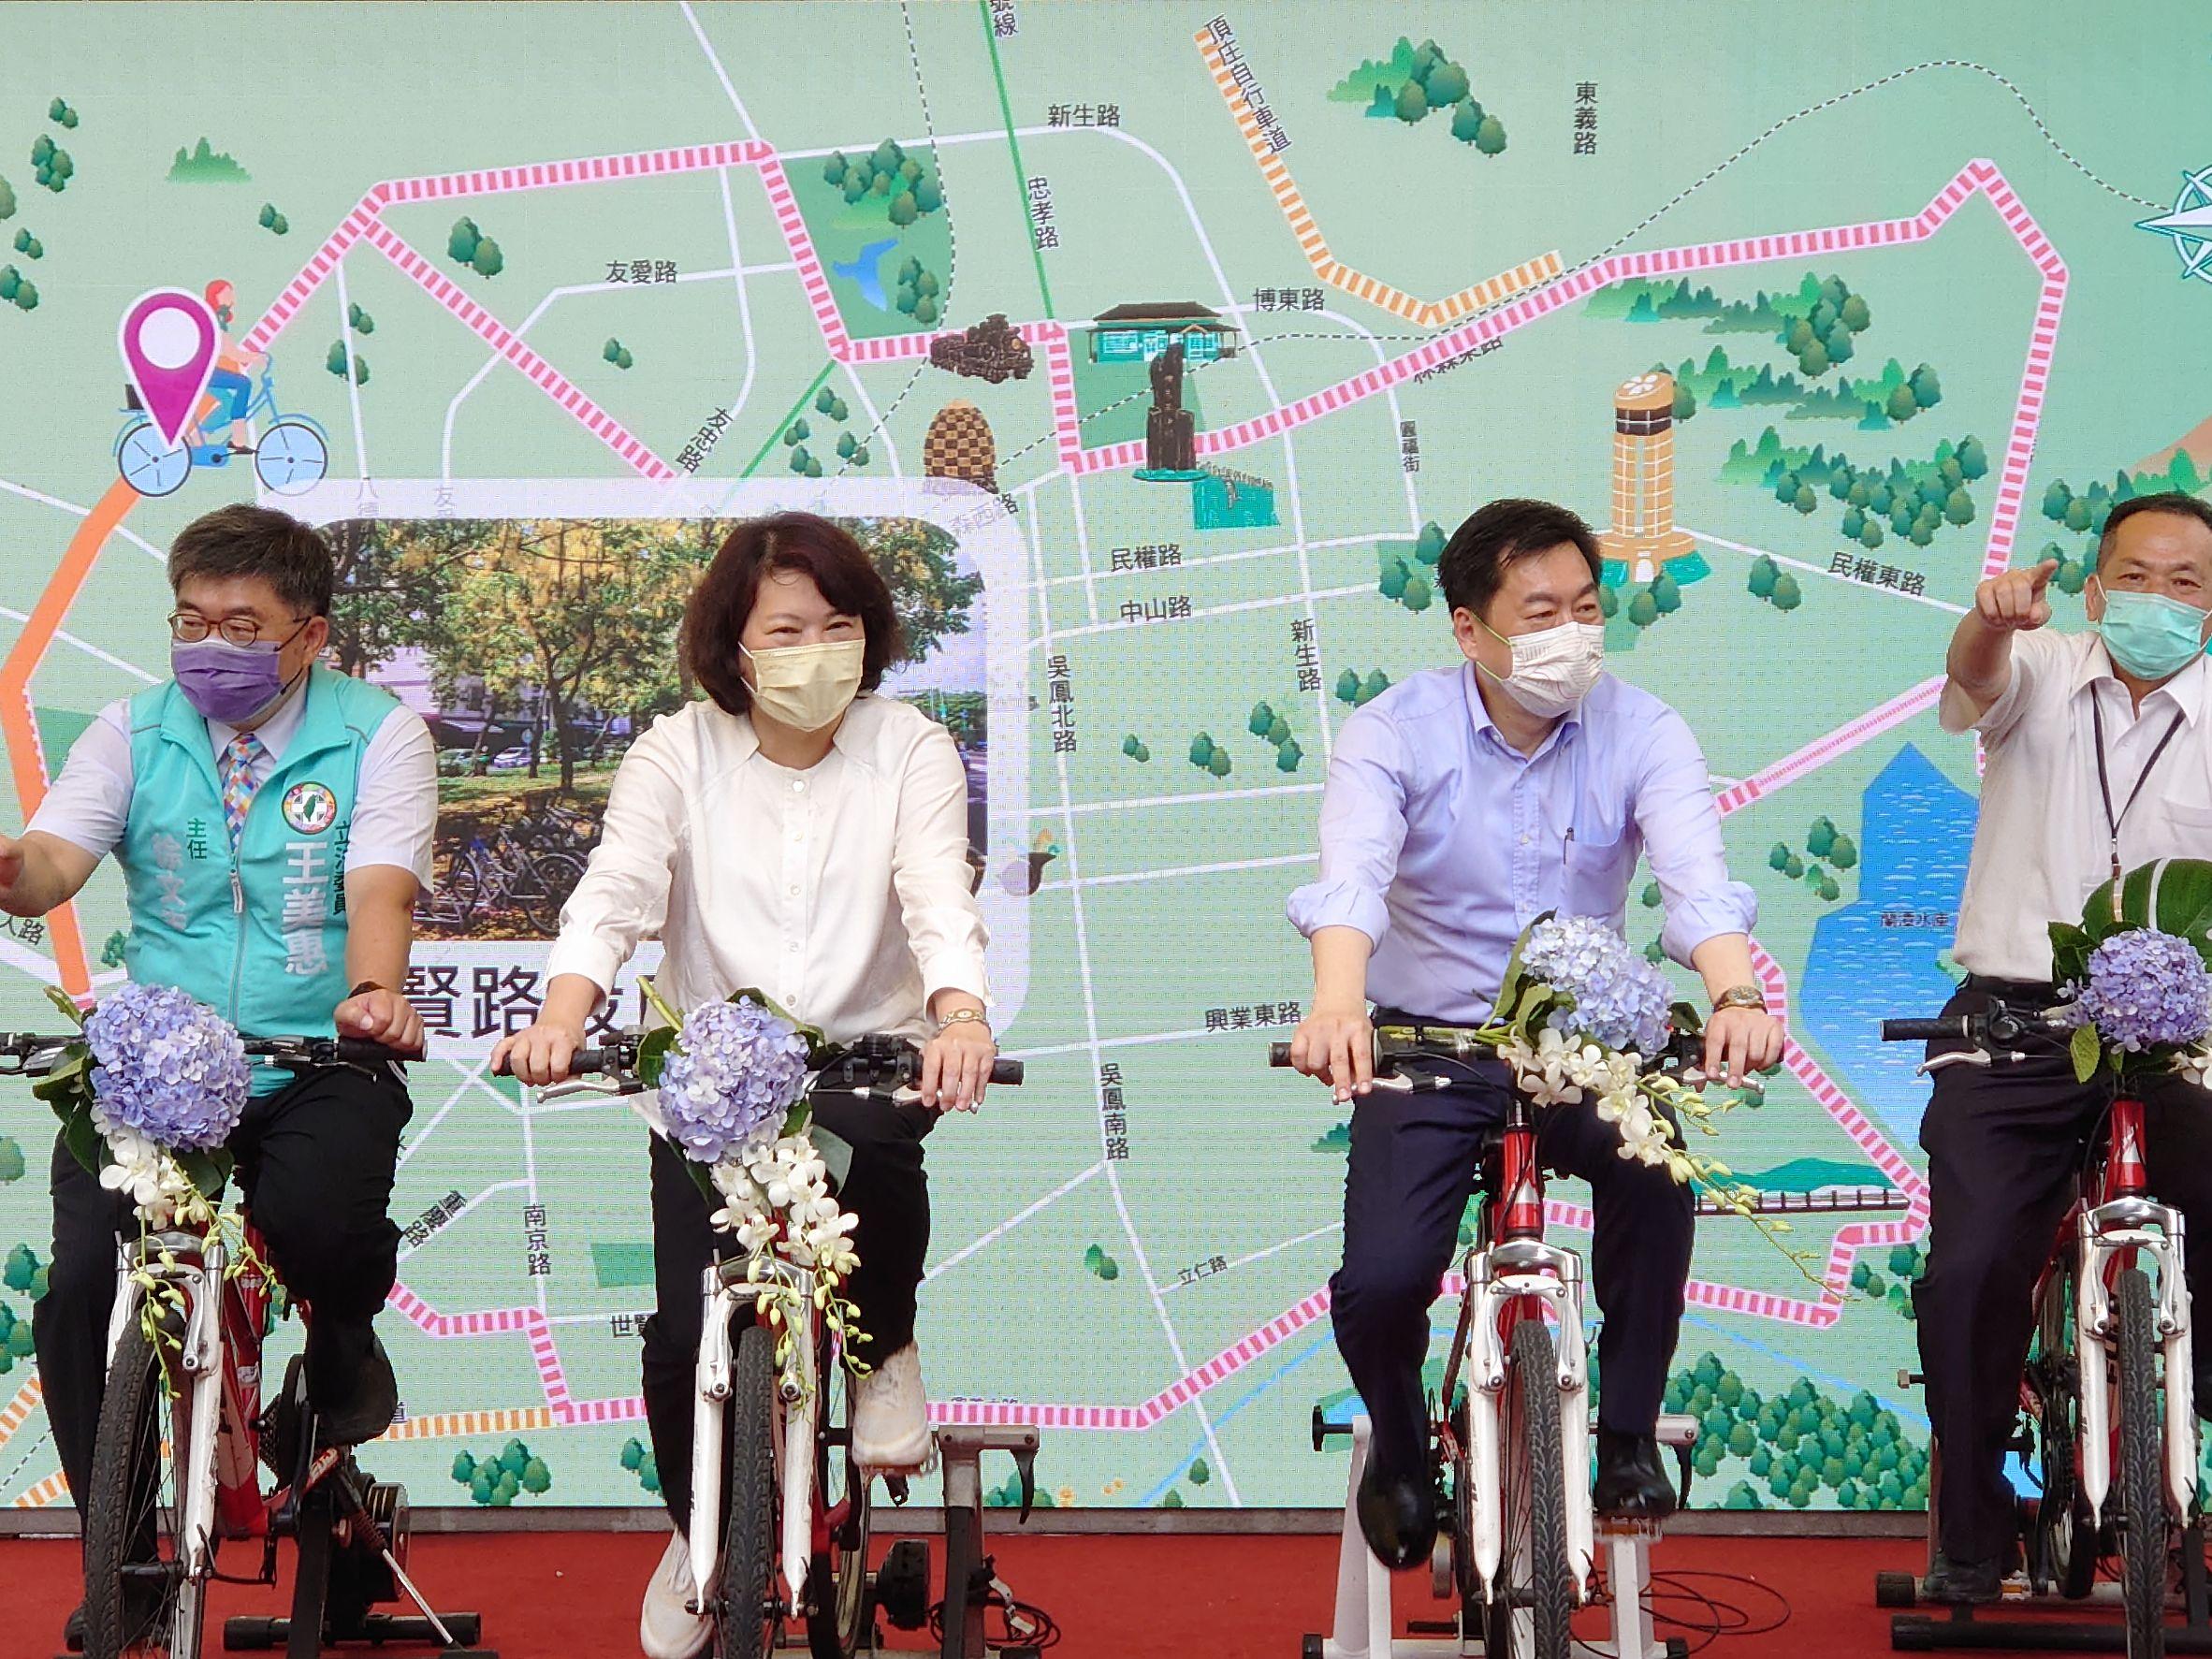 嘉義市環市自行車道斥資2億元串連優化